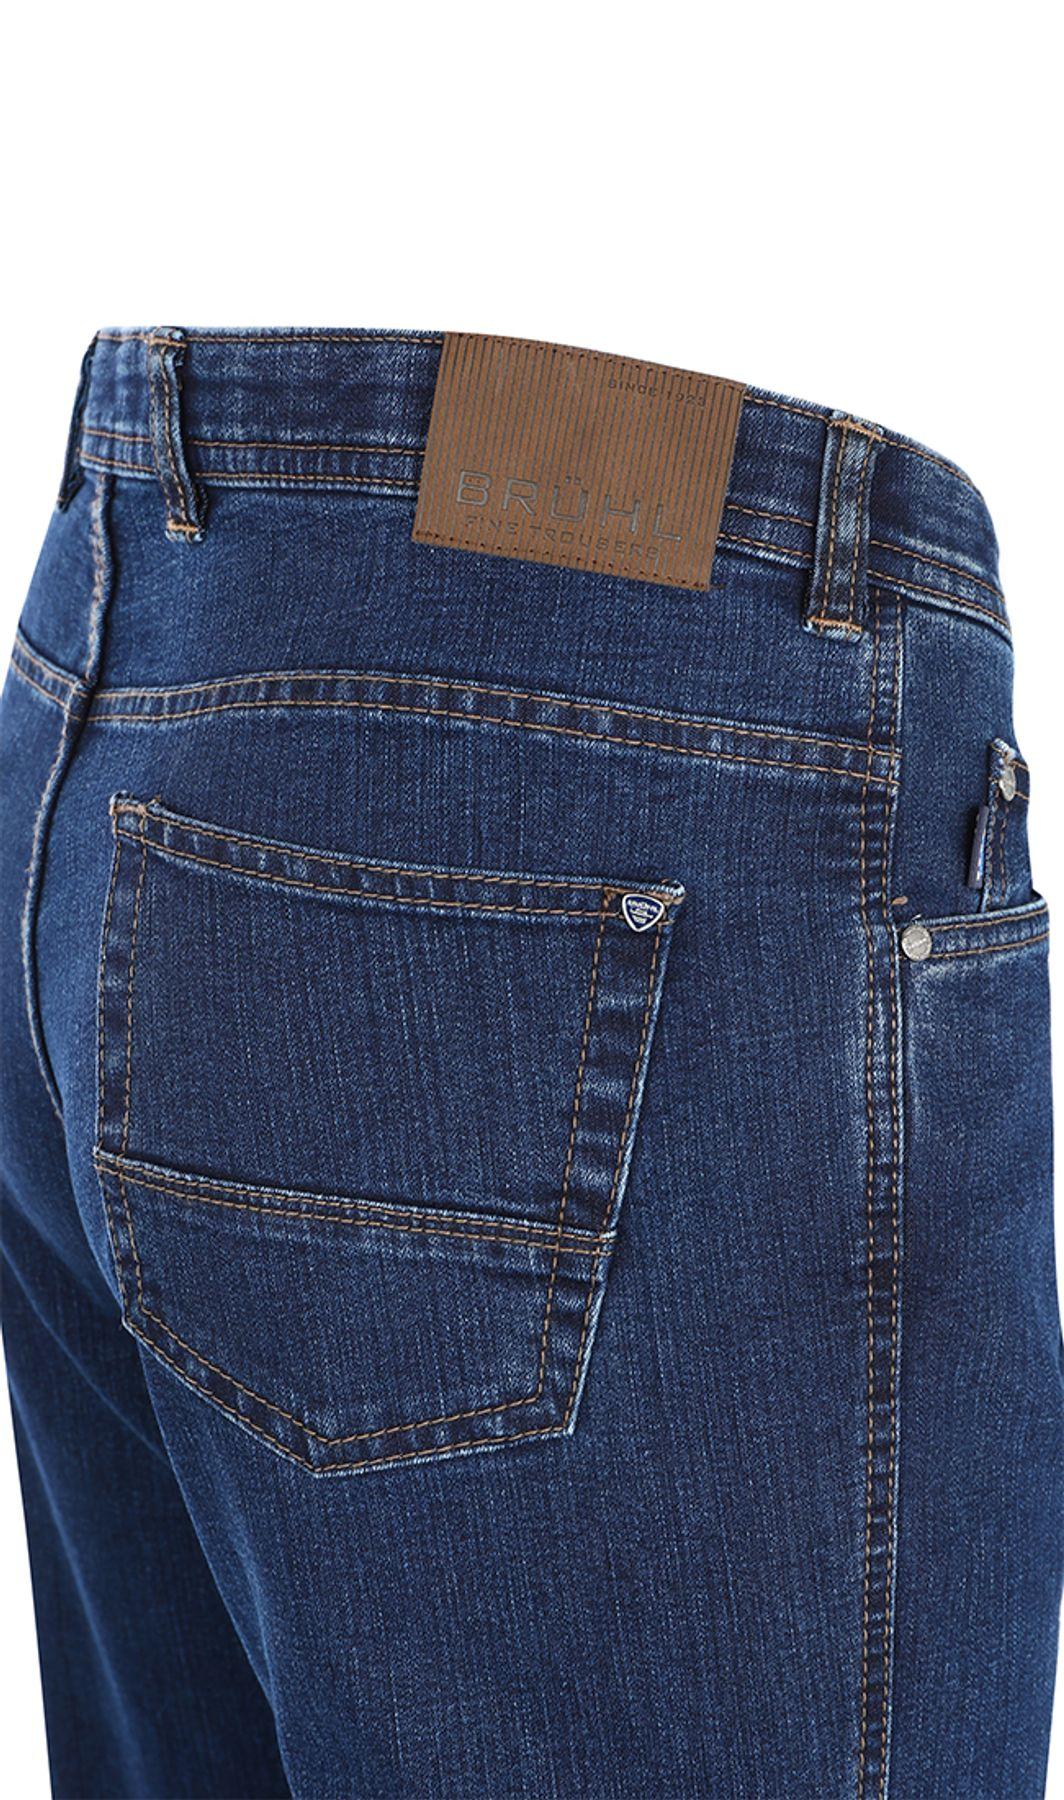 Brühl - Herren 5-Pocket Jeans in verschiedenen Farben, Genua (0011003142100) – Bild 2